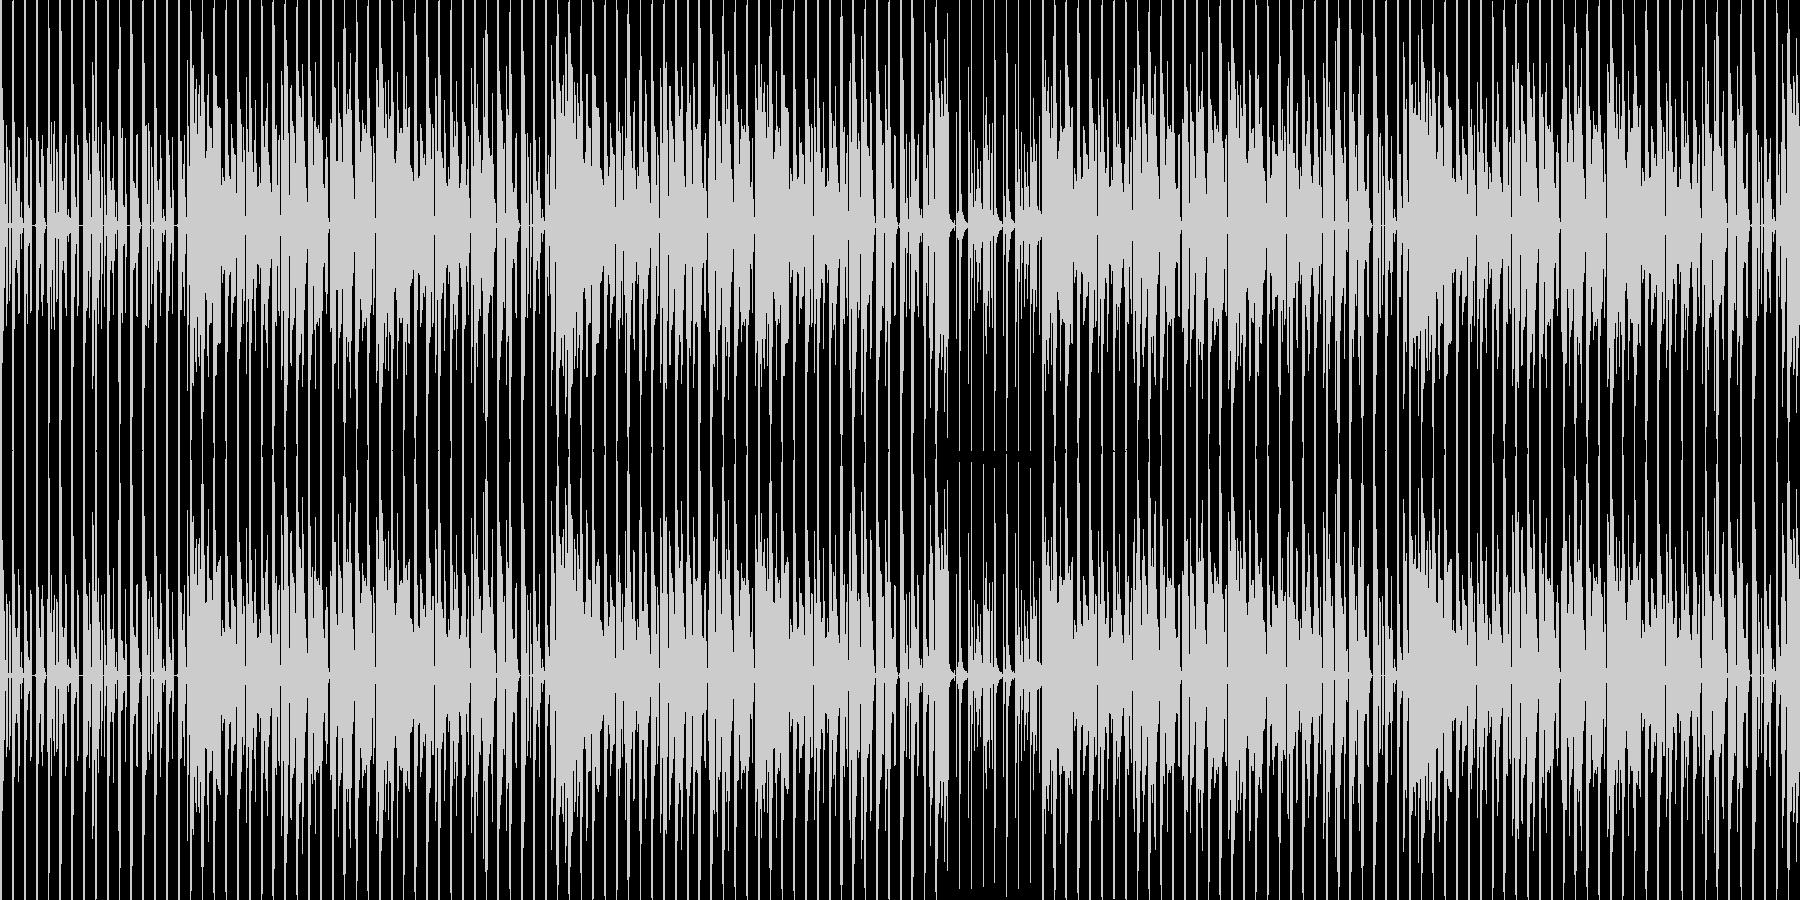 【軽快でおしゃれなHIPHOPJAZZ】の未再生の波形